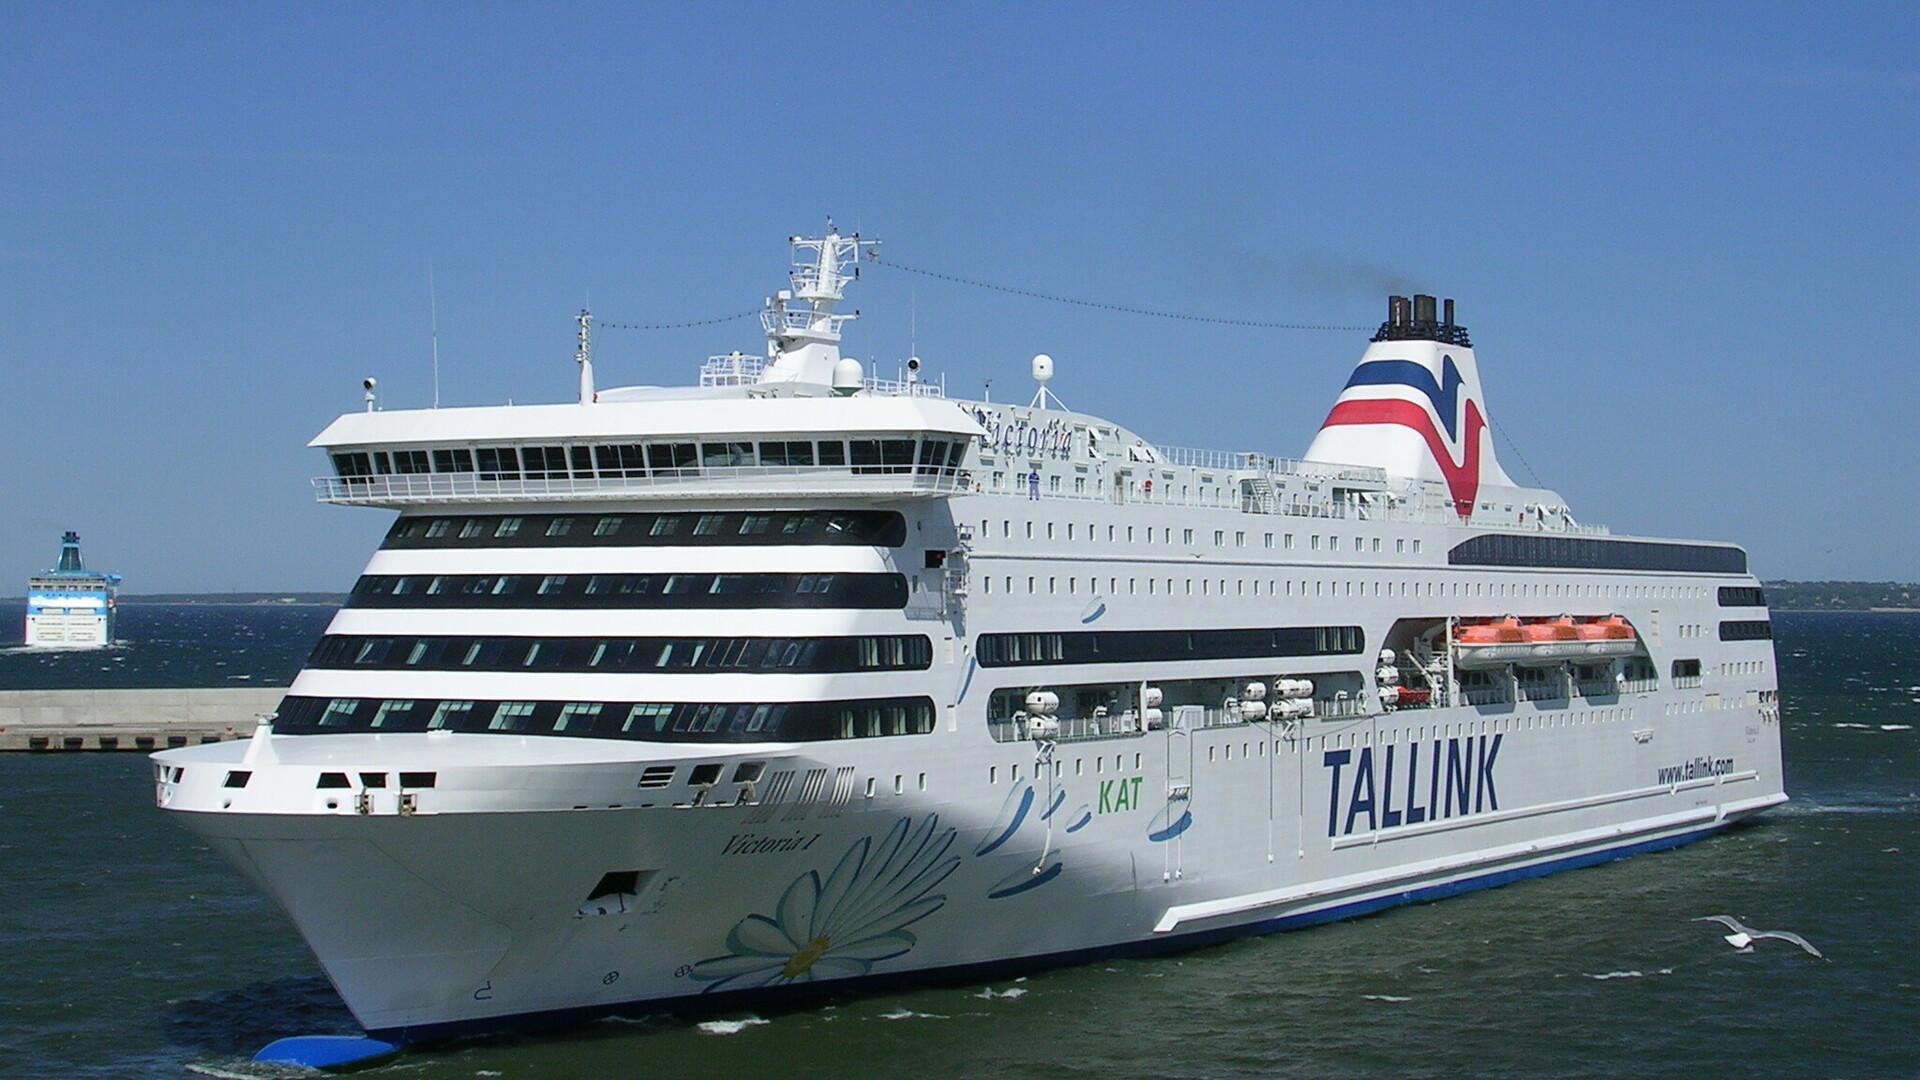 217cca0d7da Tallink lükkab kõik Stockholmist väljuvad reisid edasi | uudised | ERR